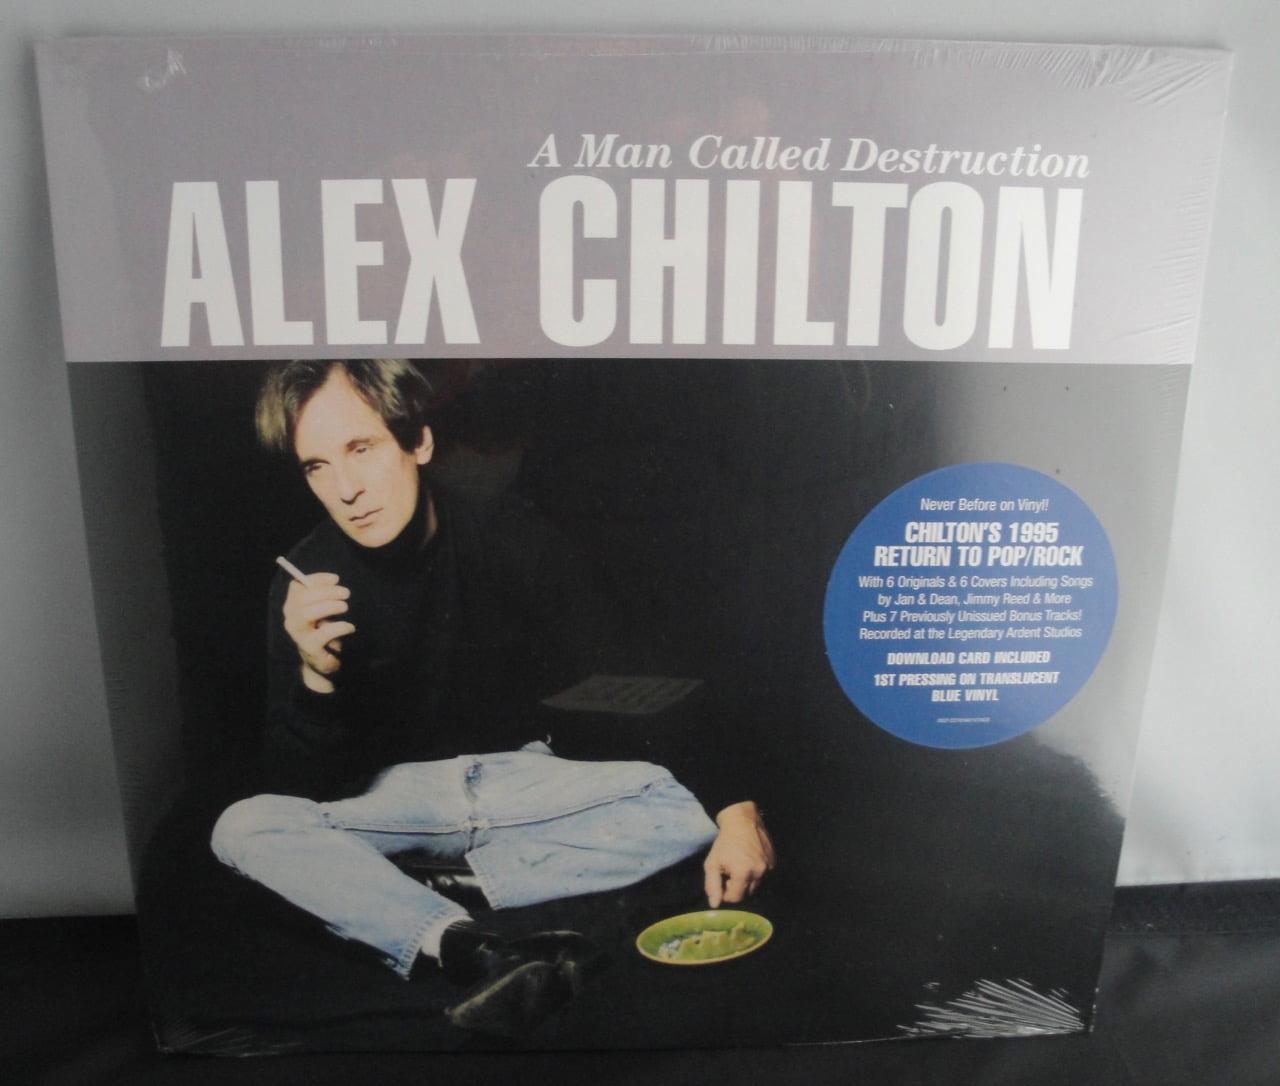 Alex Chilton - A Man Called Destruction - Limited Edition, 2XLP, Blue Vinyl LP